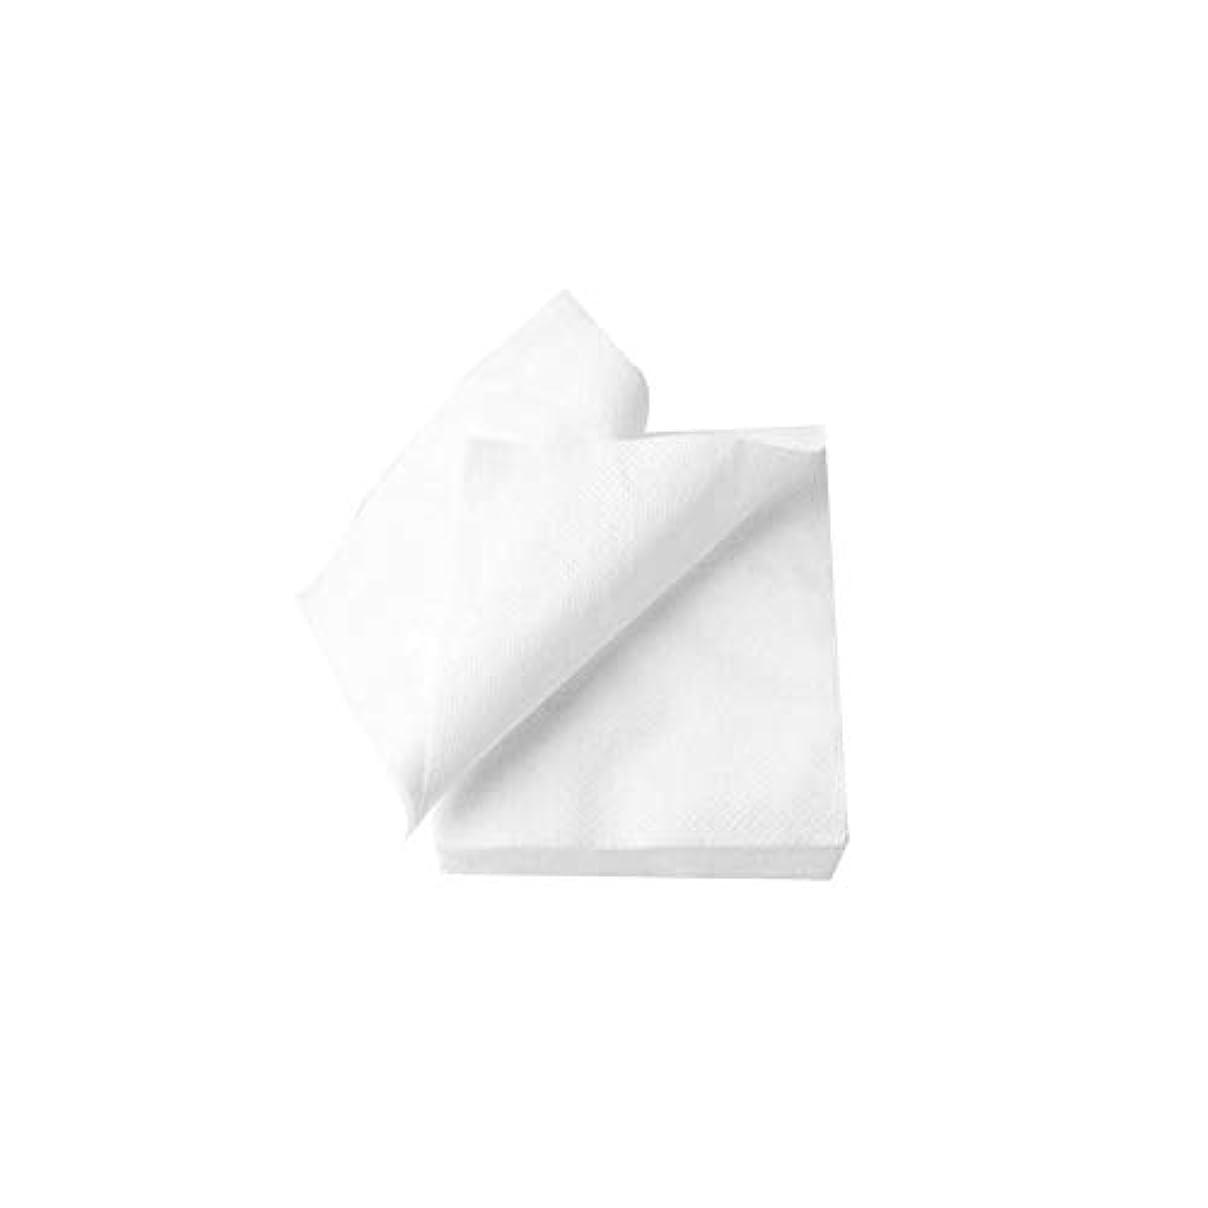 衝撃引く哲学的240PCSアイメイク化粧品の綿の綿の綿敏感肌白い四角